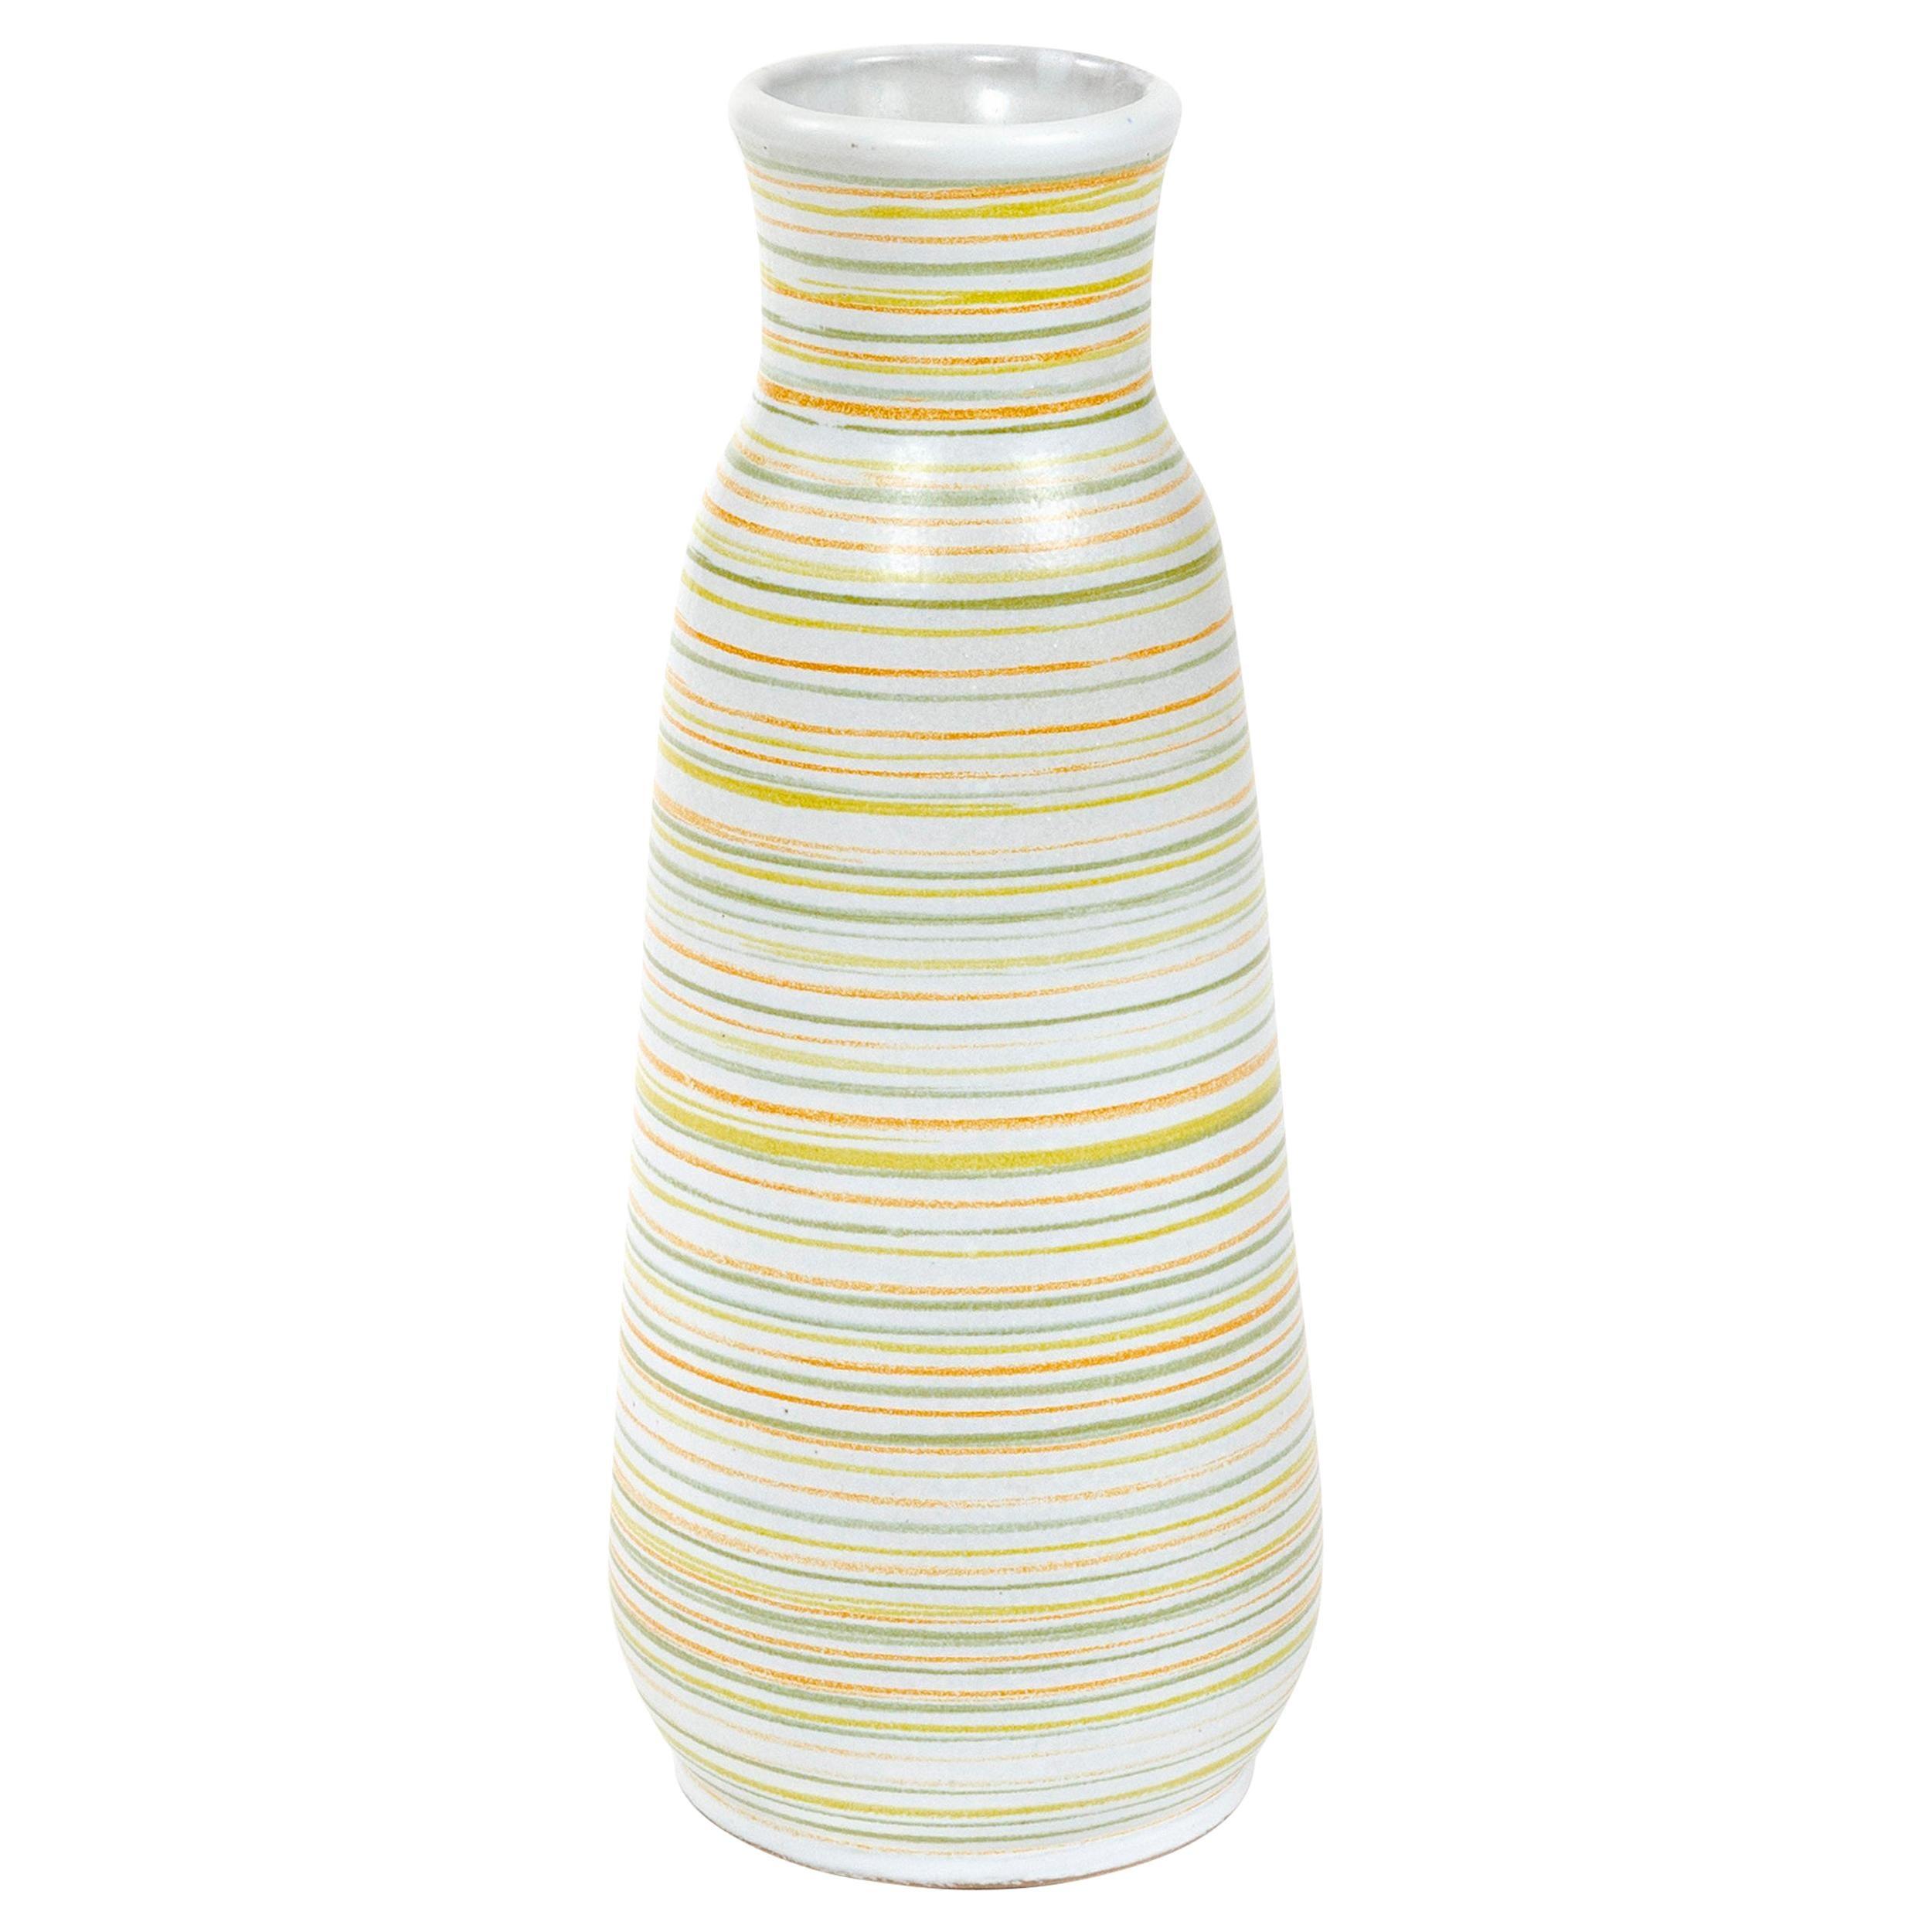 1960s Ceramic Vase by Lee Rosen for Design Technics